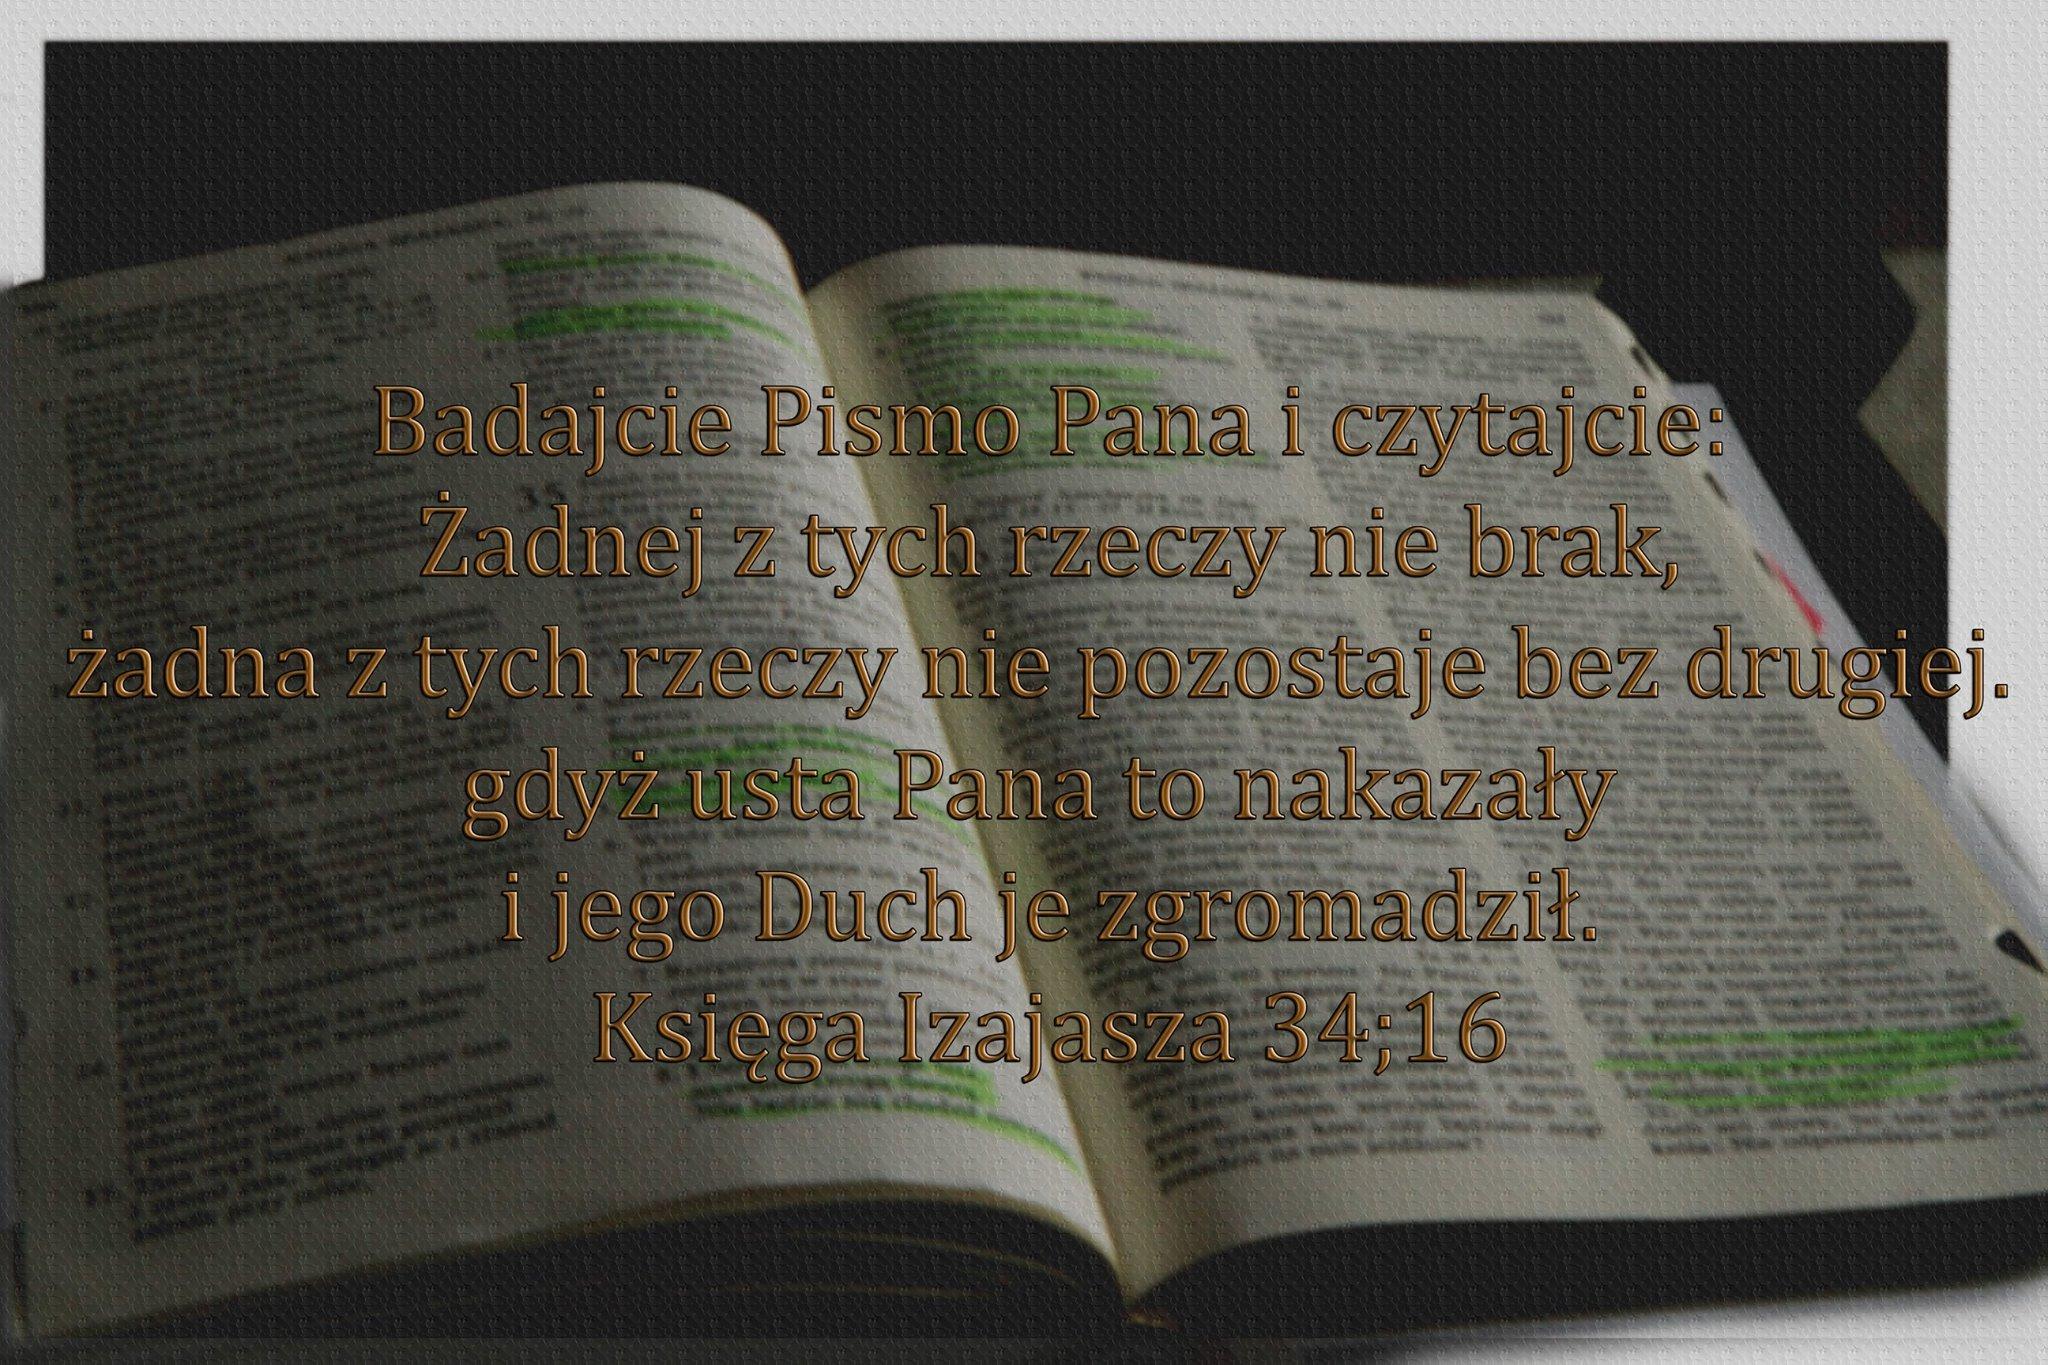 Ks Izajasza 34:16